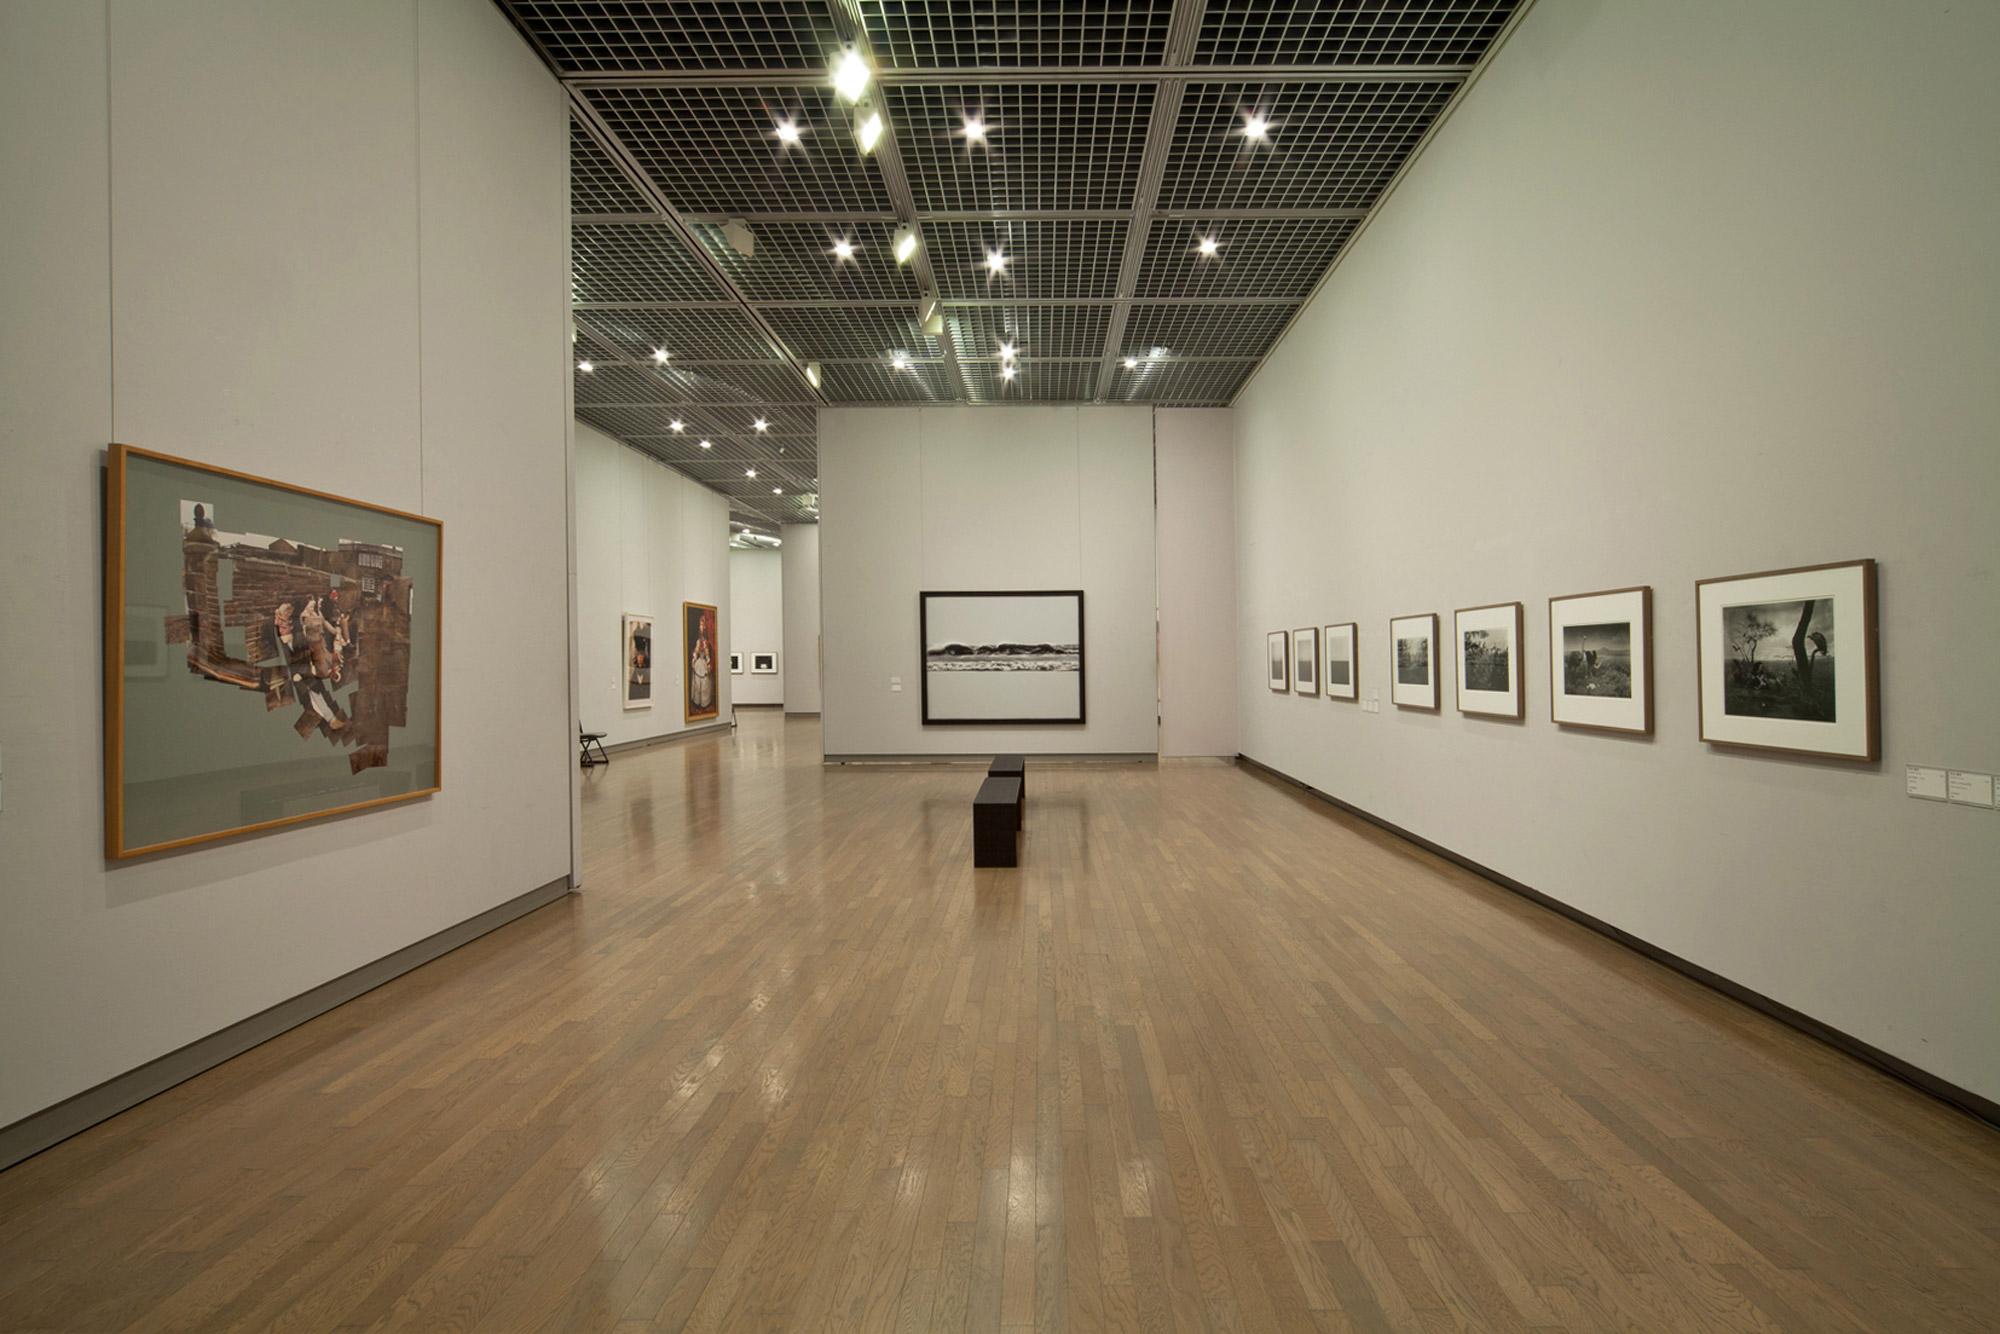 exhibition roomの写真